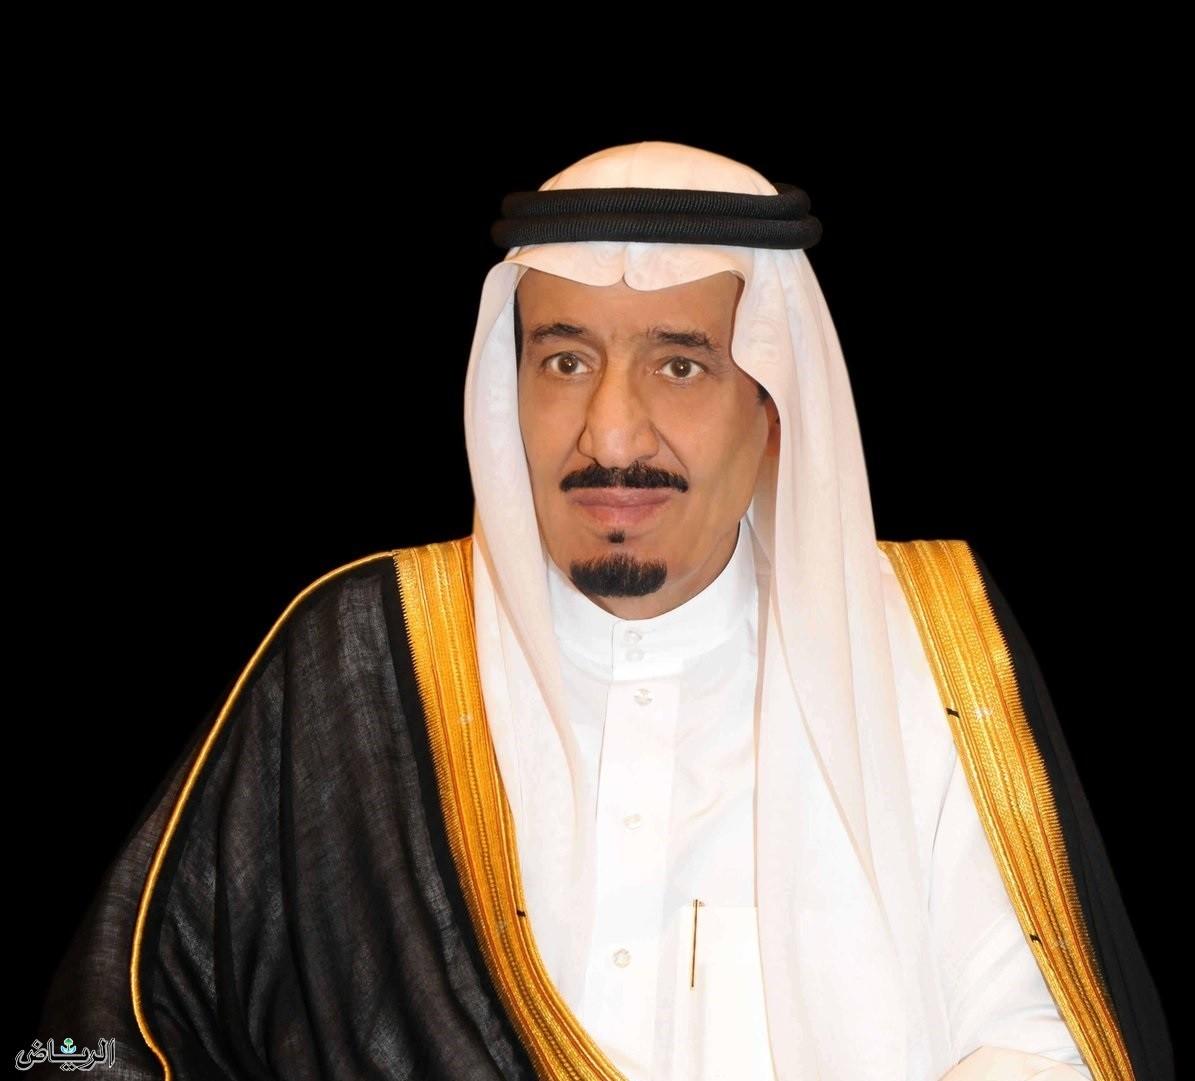 خادم الحرمين يتلقى اتصالا هاتفياً من ملك البحرين هنأه خلاله بقرب حلول شهر رمضان